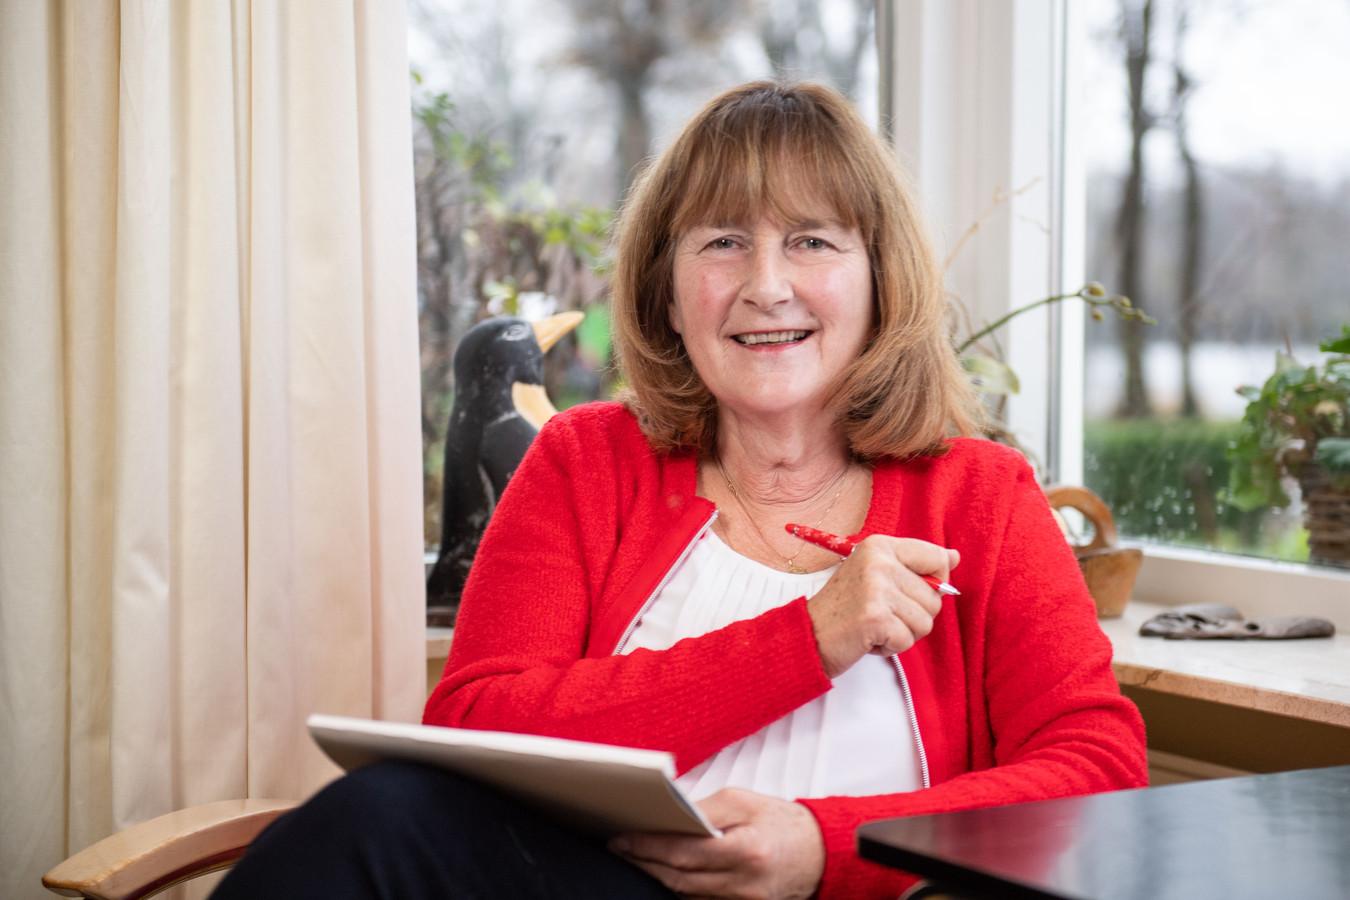 SP-gemeenteraadslid Marie Jose Huis in 't Veld wil dat gemeenteraadsleden zwerfafval gaan prikken aanstaande zaterdag.